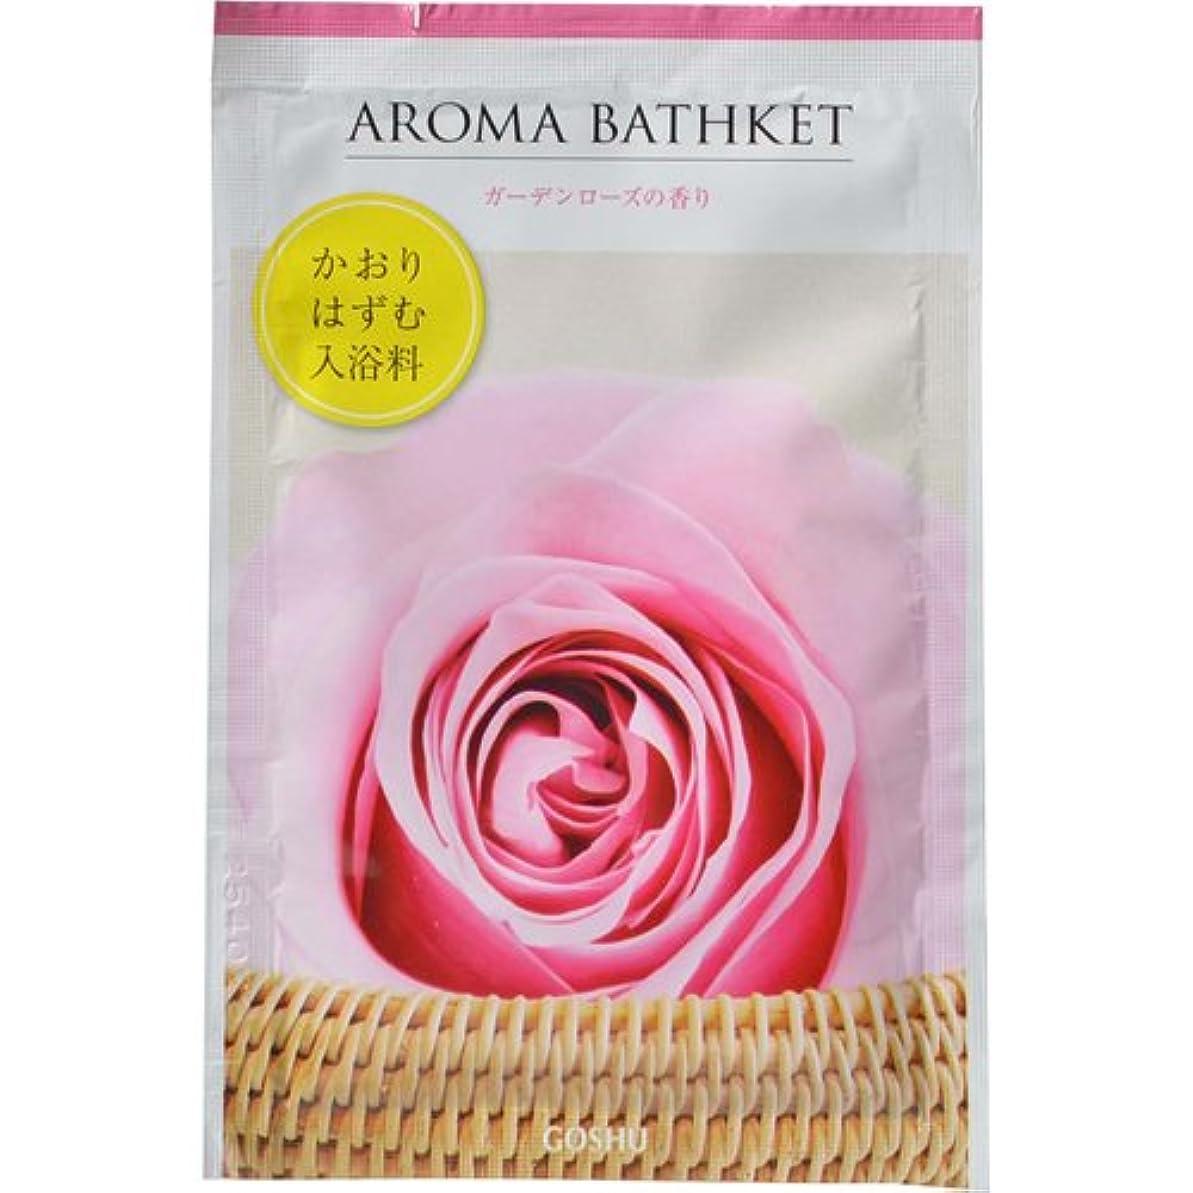 干し草争い終了するアロマバスケット ガーデンローズの香り 25g